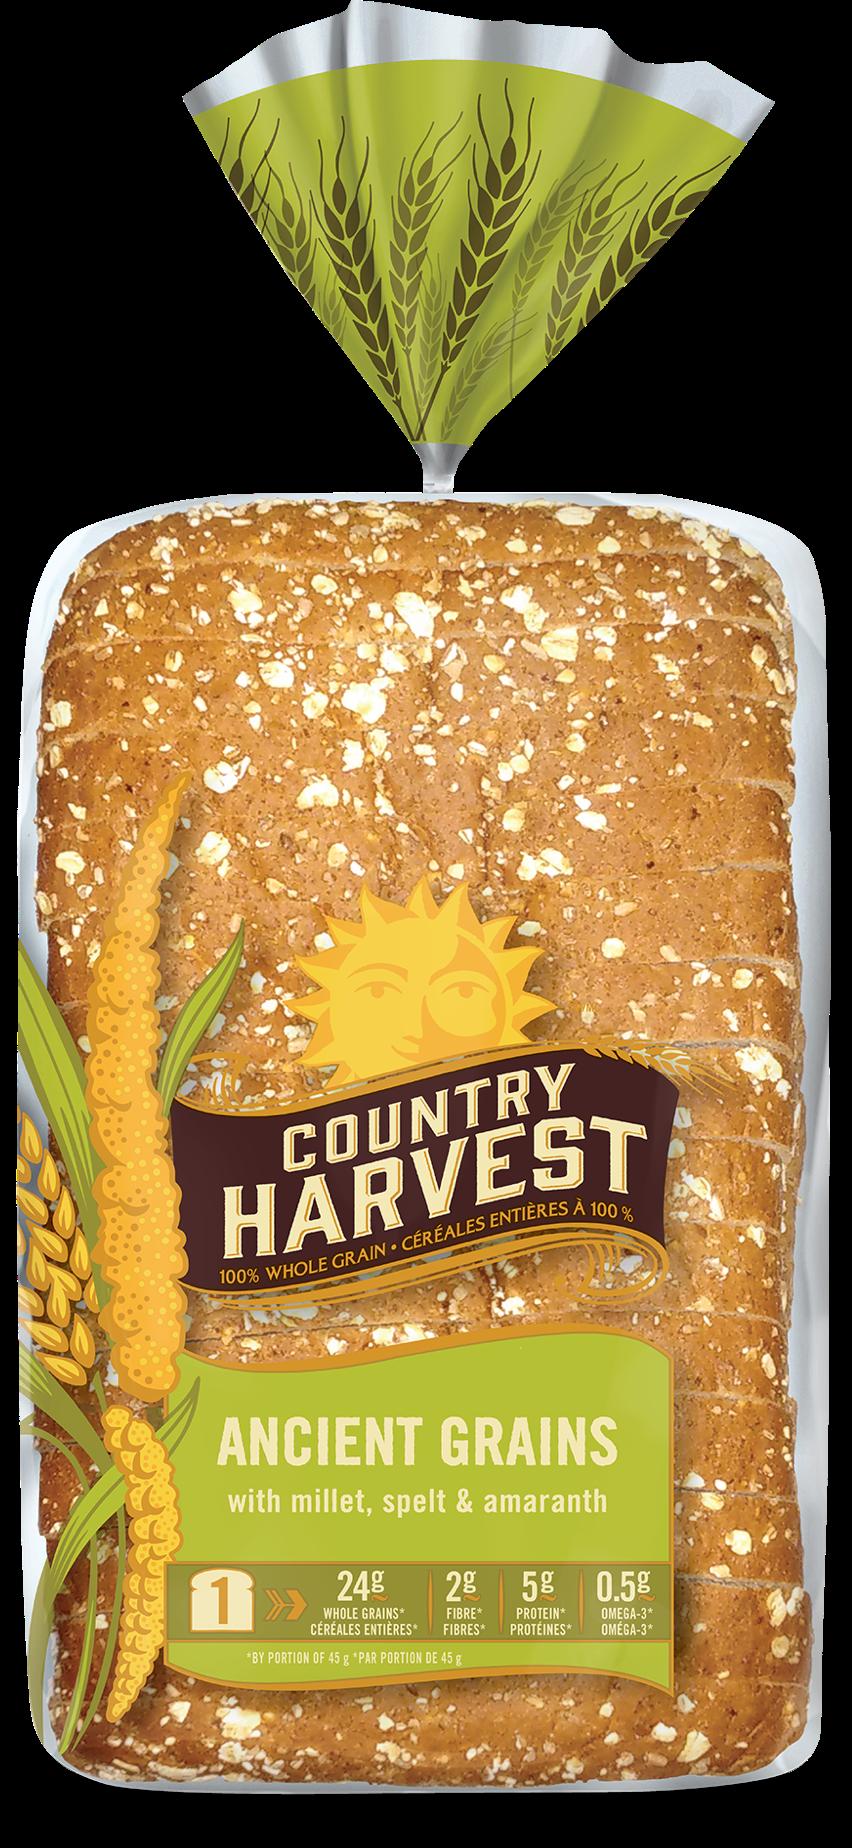 Grain clipart millet. Ancient grains country harvest